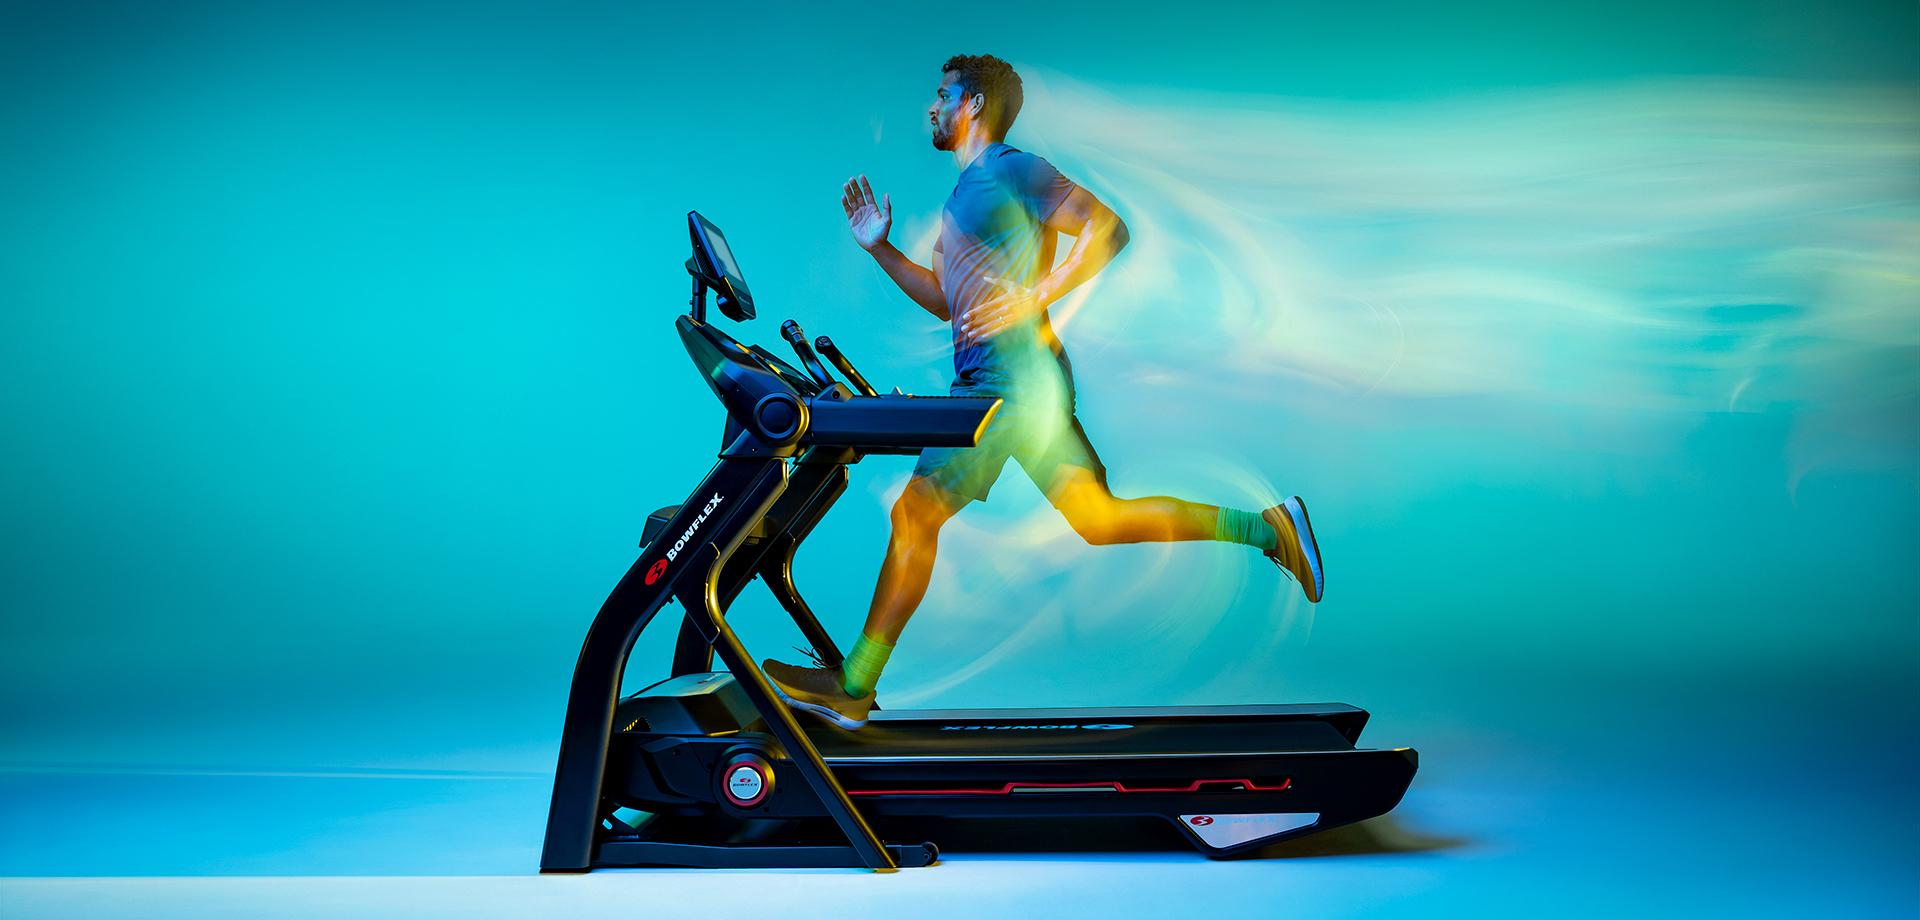 Man running on Treadmill 25